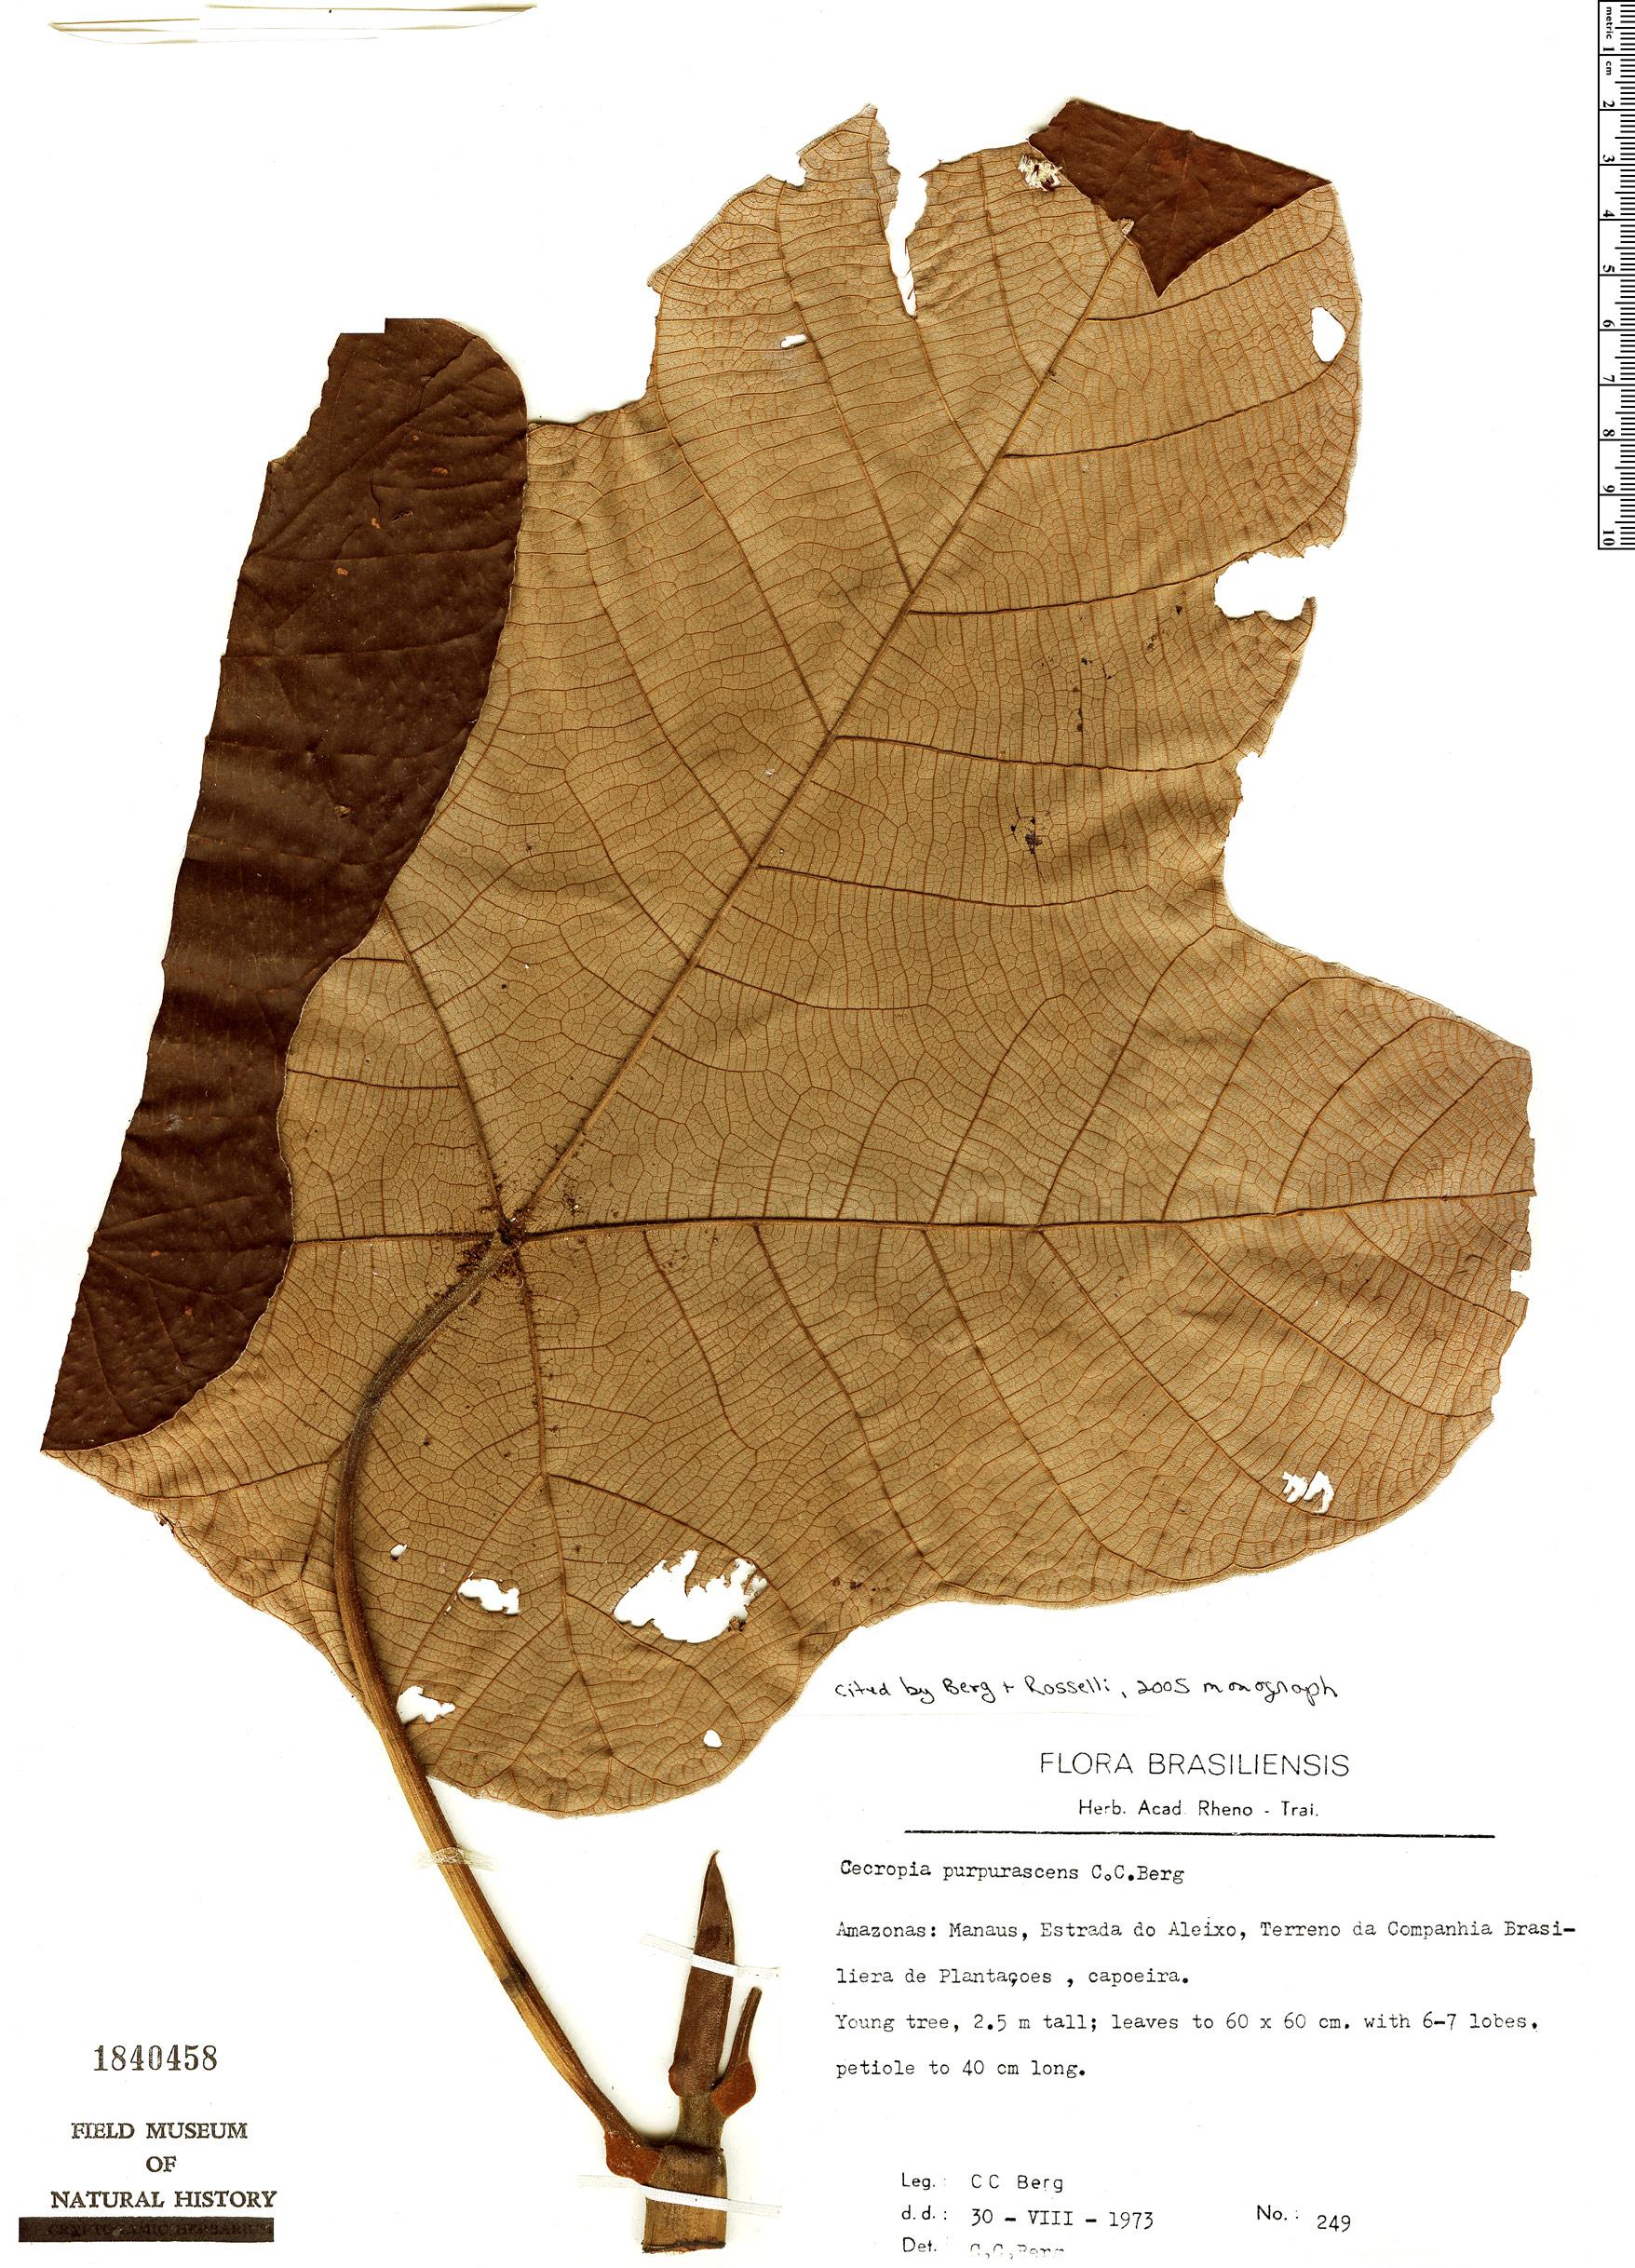 Specimen: Cecropia purpurascens